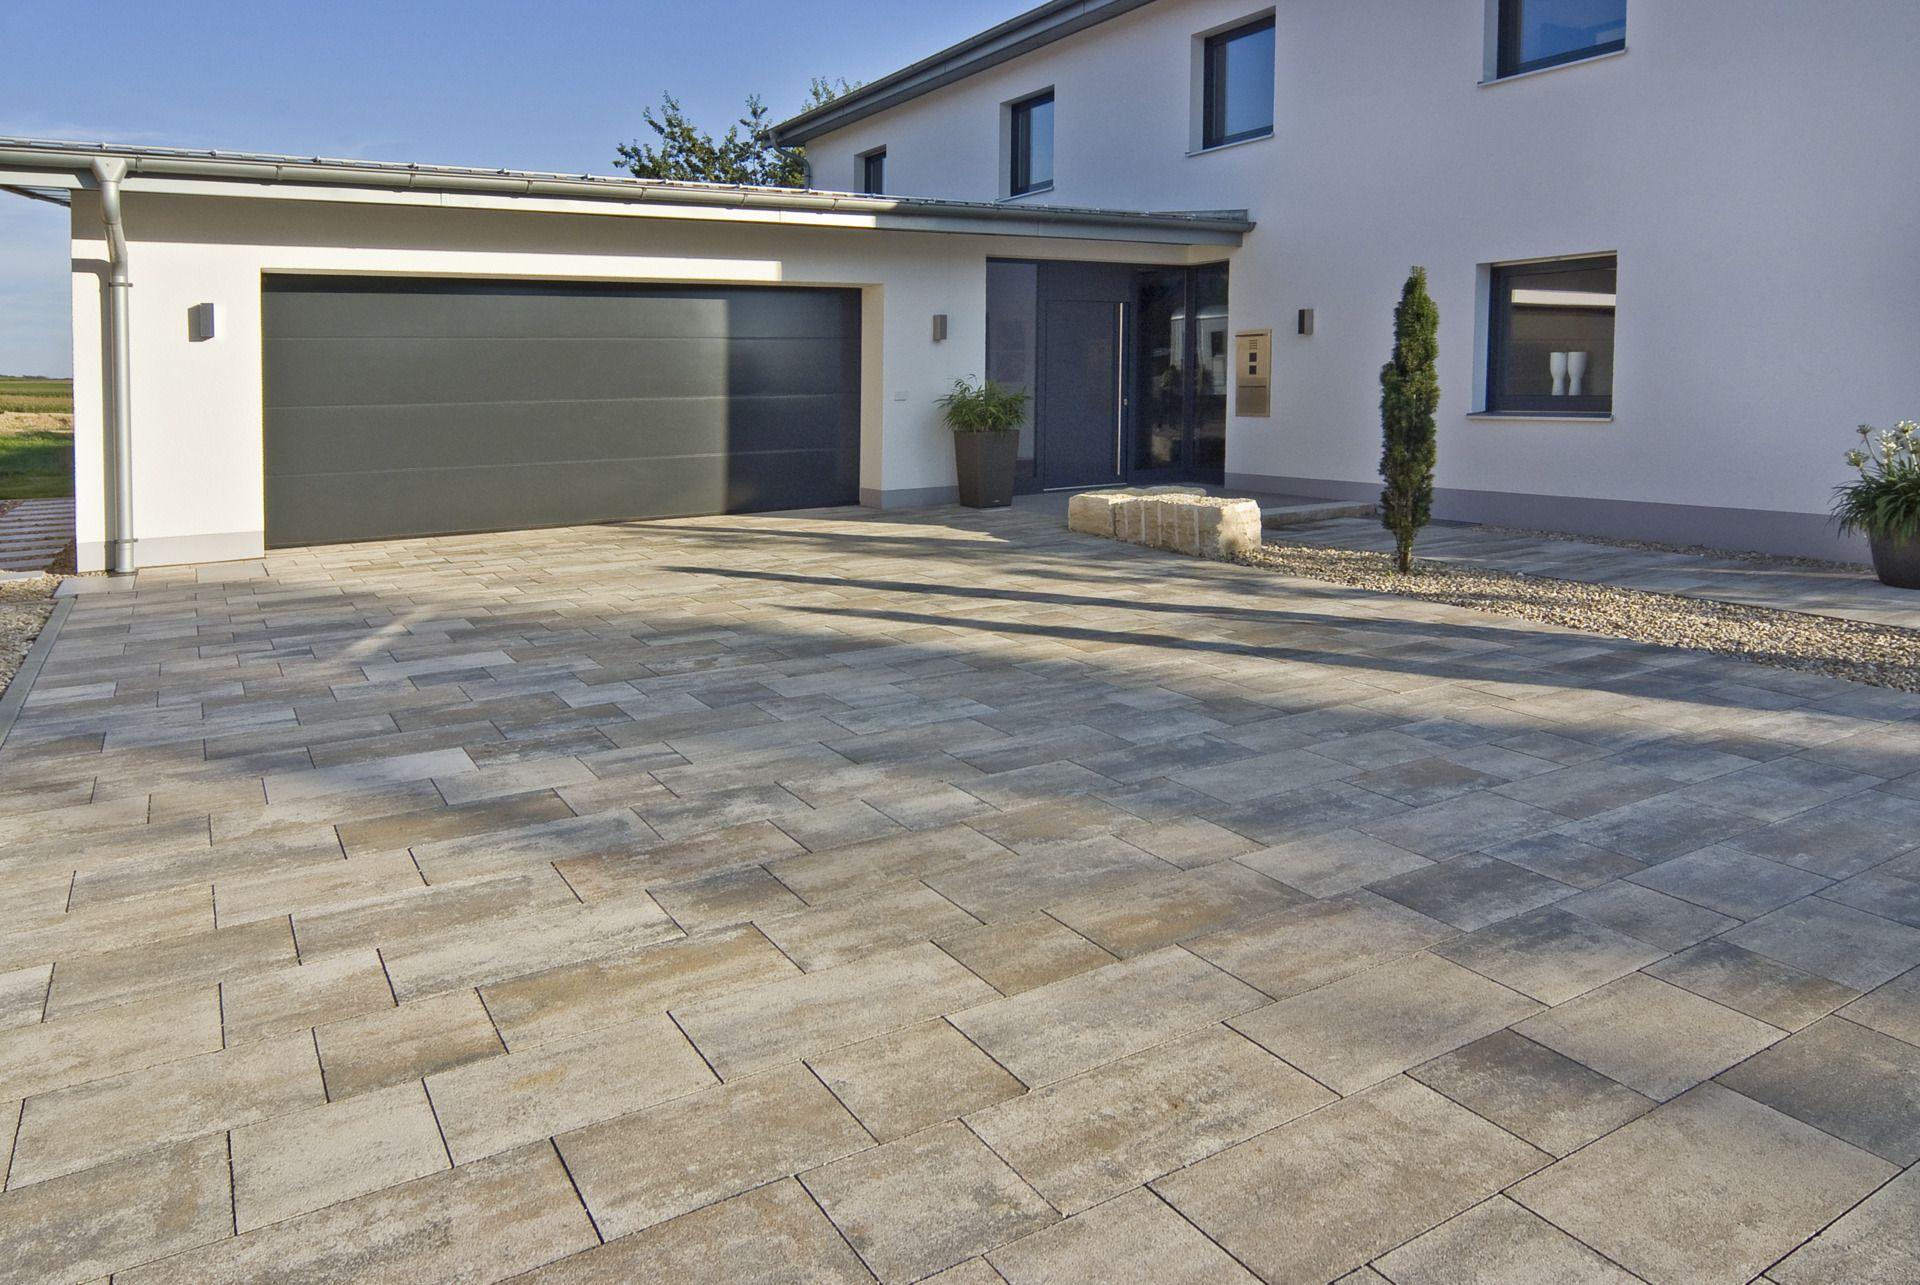 Pflastersteine anthrazit garageneinfahrt  Garageneinfahrt mit hellen, großflächigen Pflastersteinen #garage ...